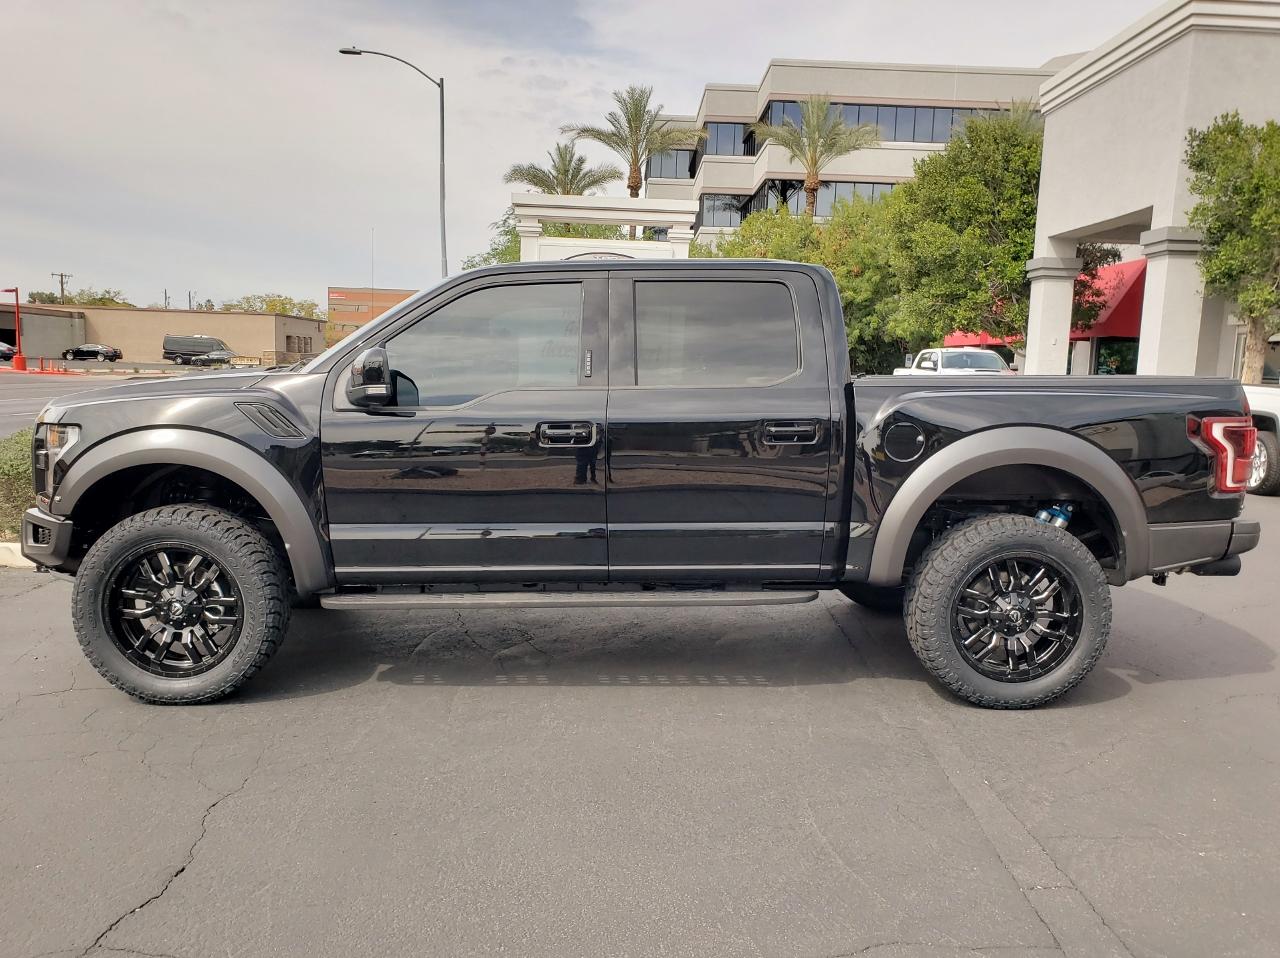 2018 Ford Raptor Black